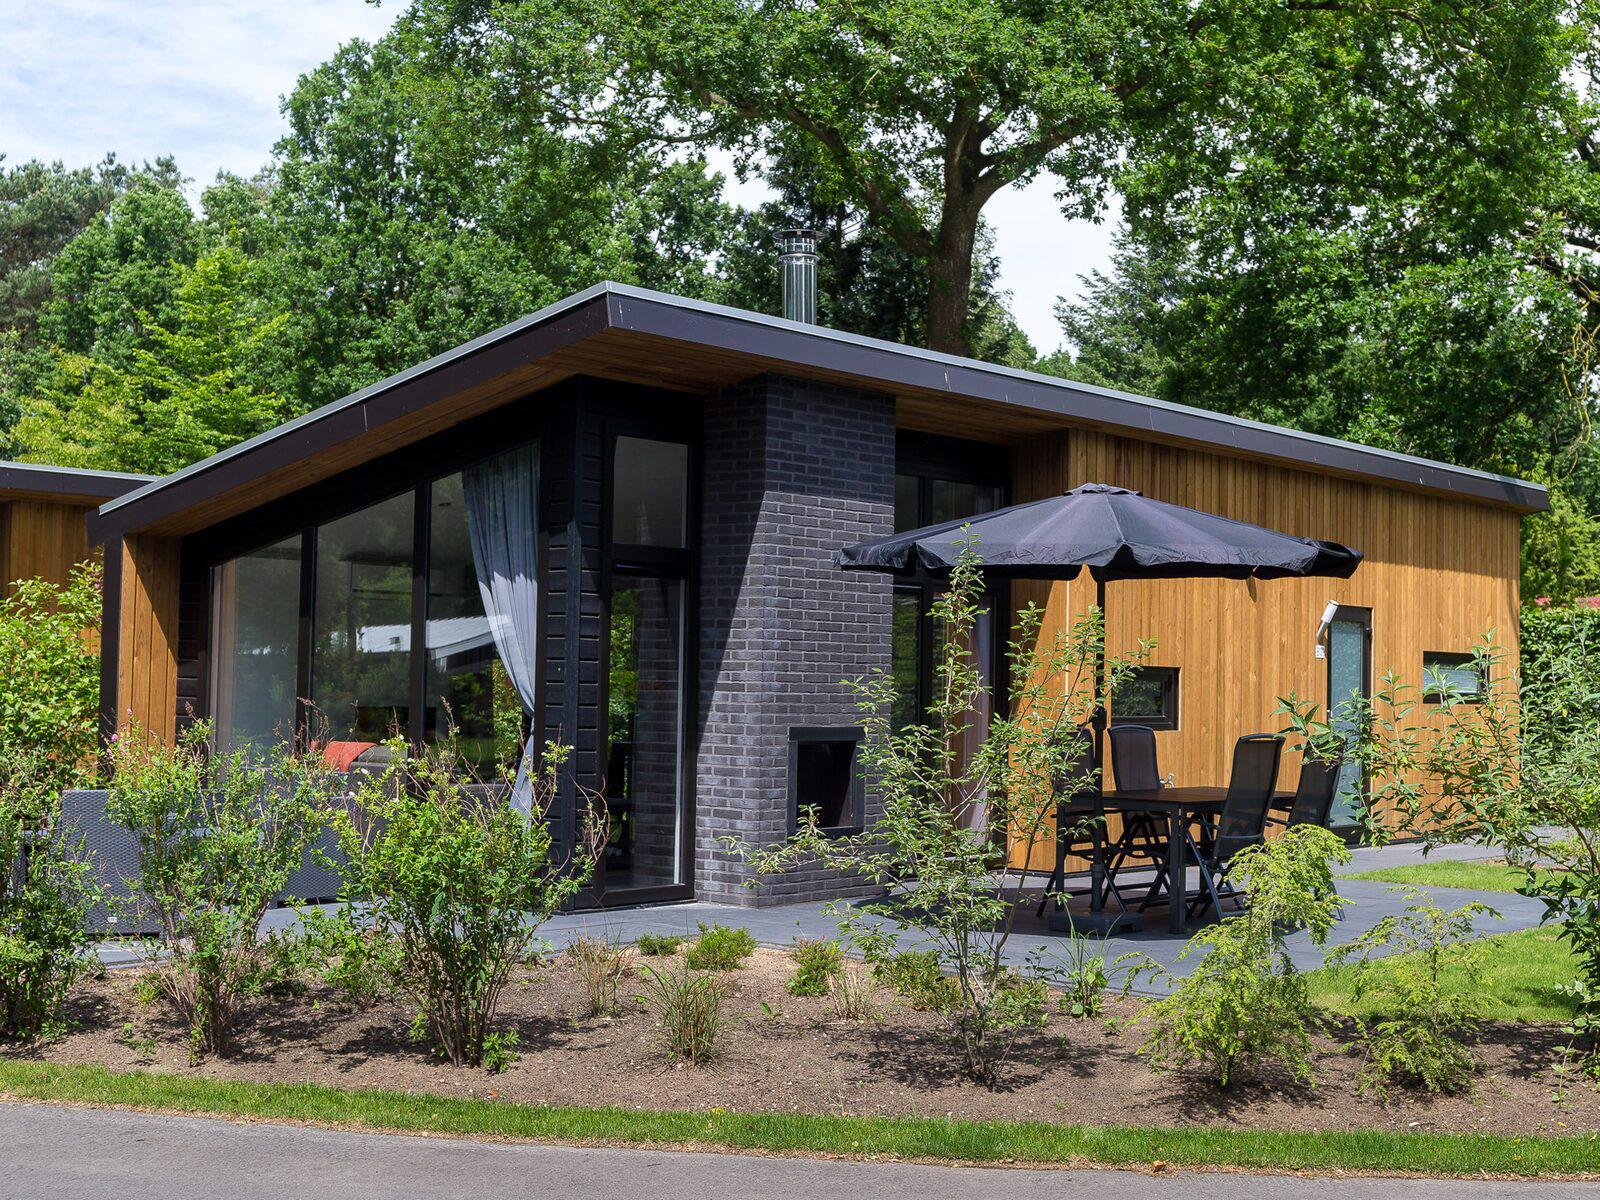 Bos Lodge 55 Eco 2 personen